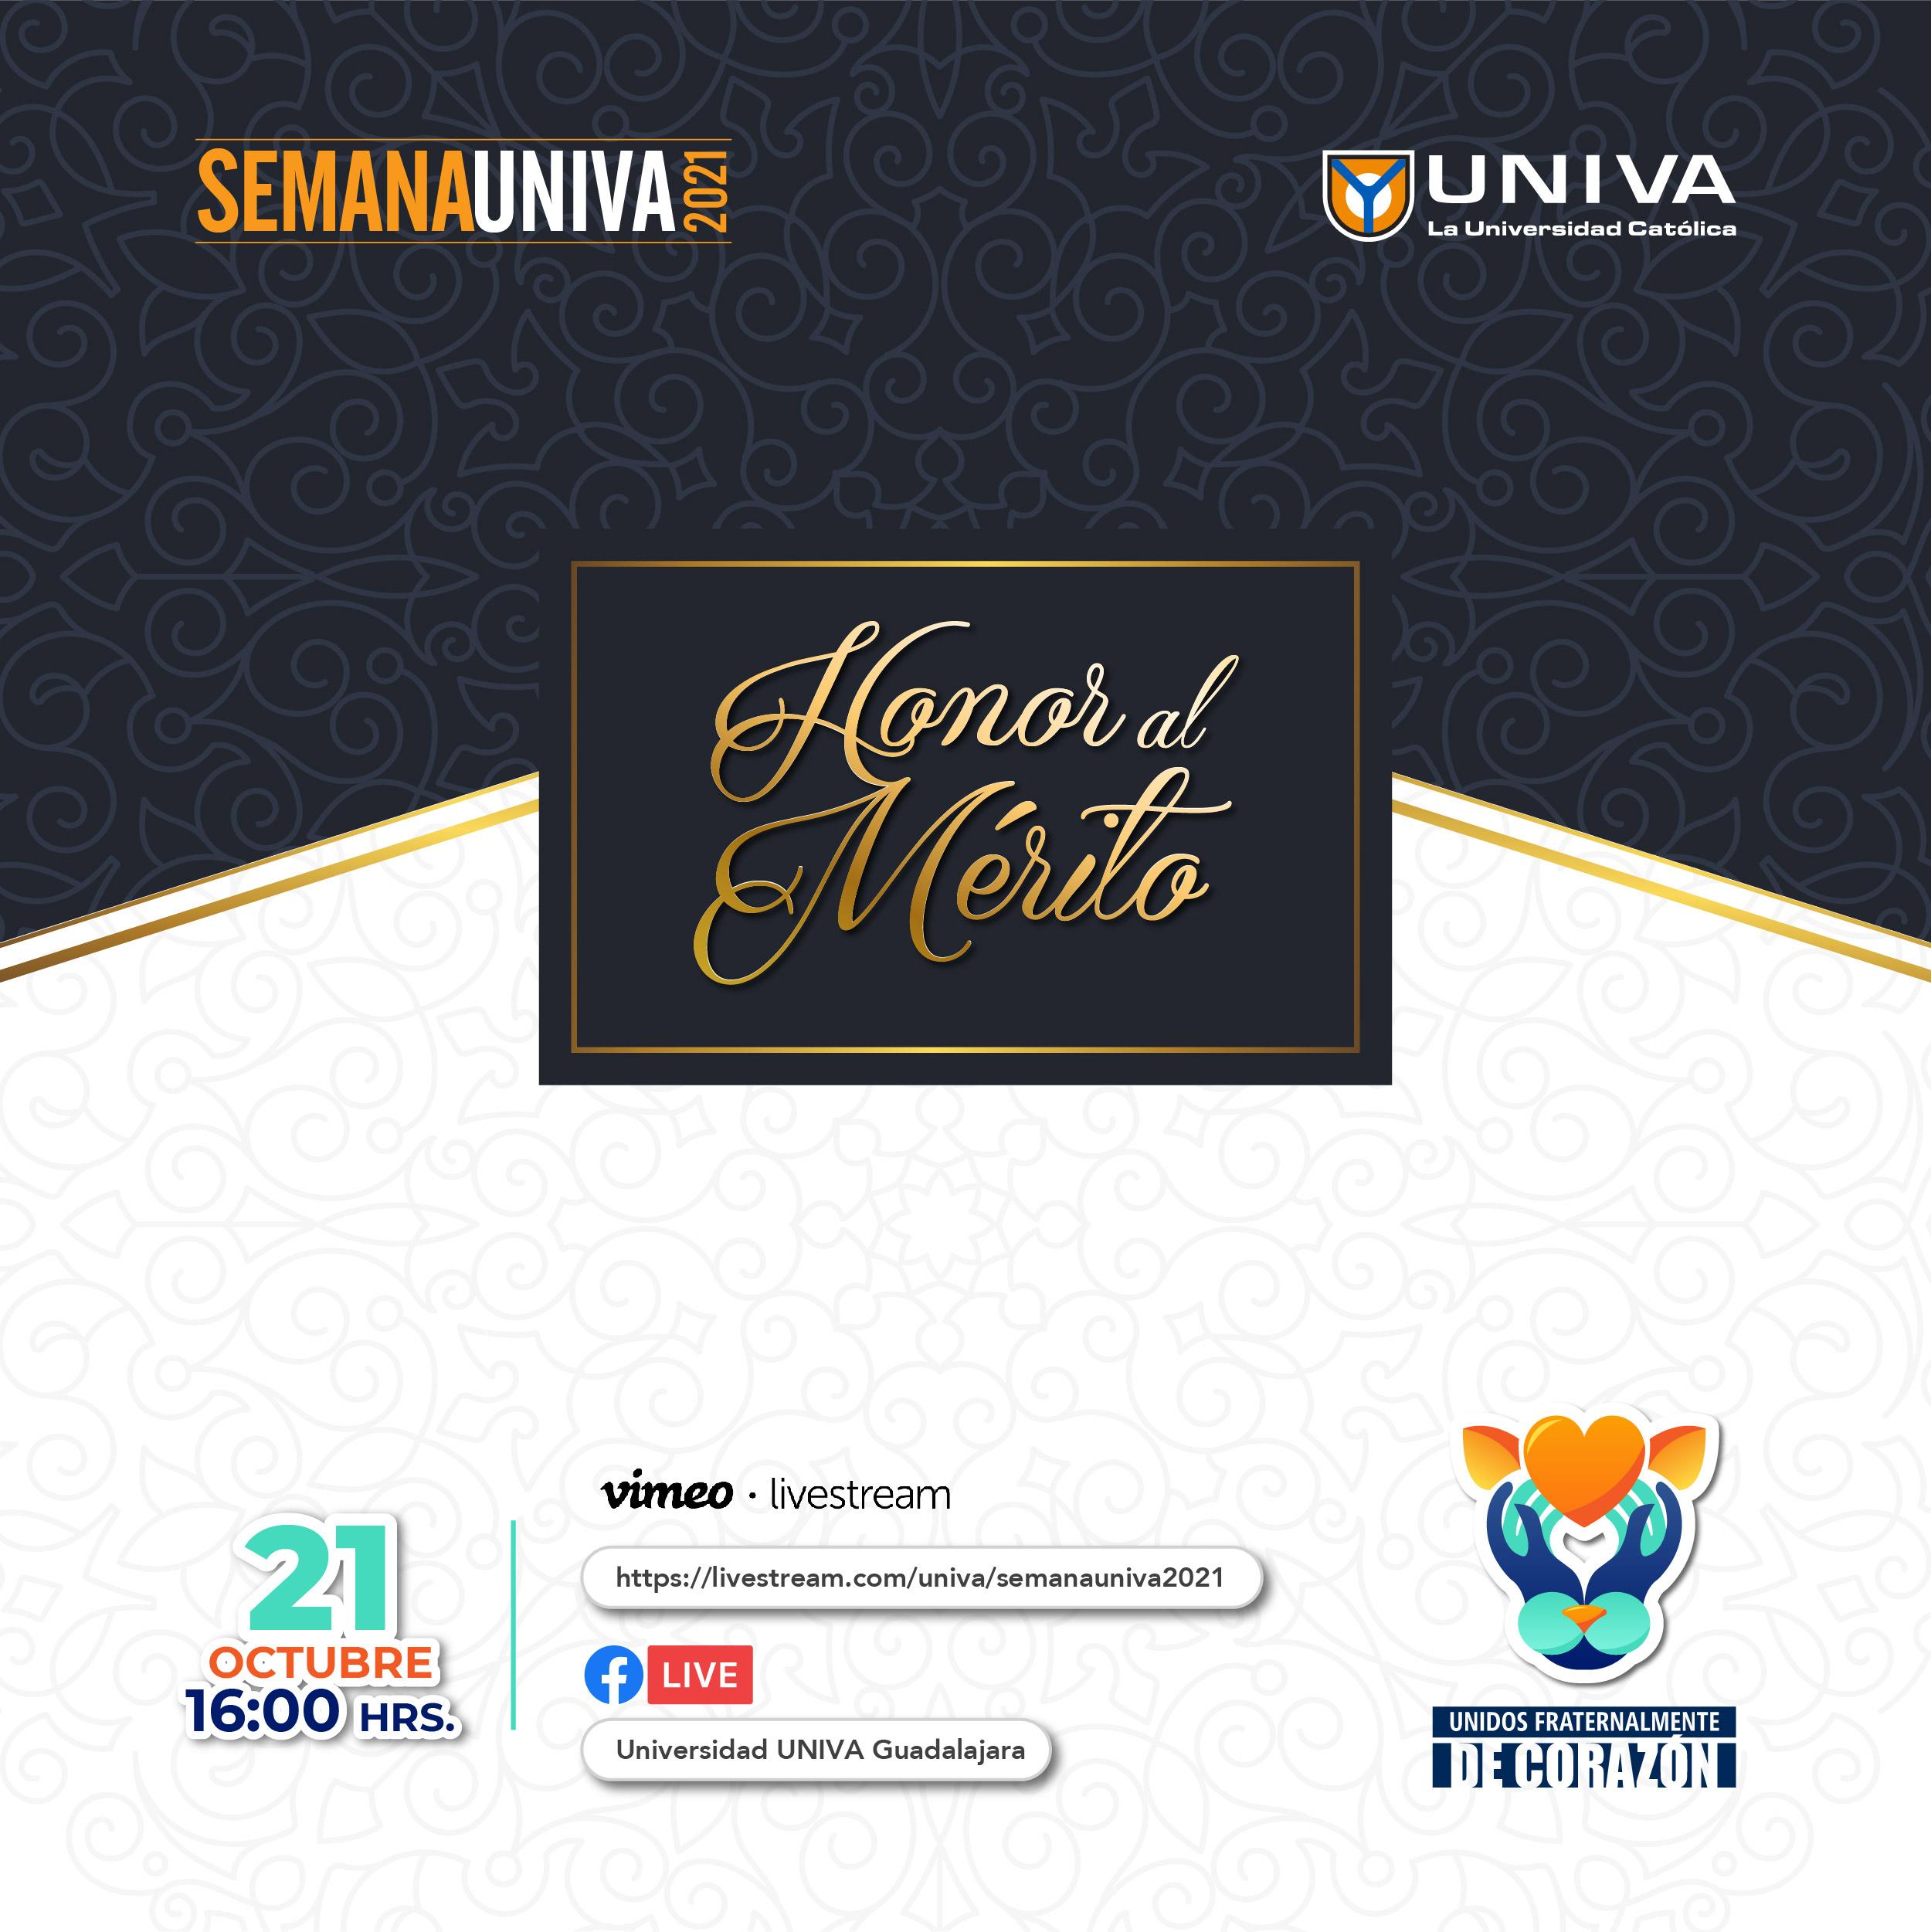 Semana UNIVA 2021: Honor al Mérito